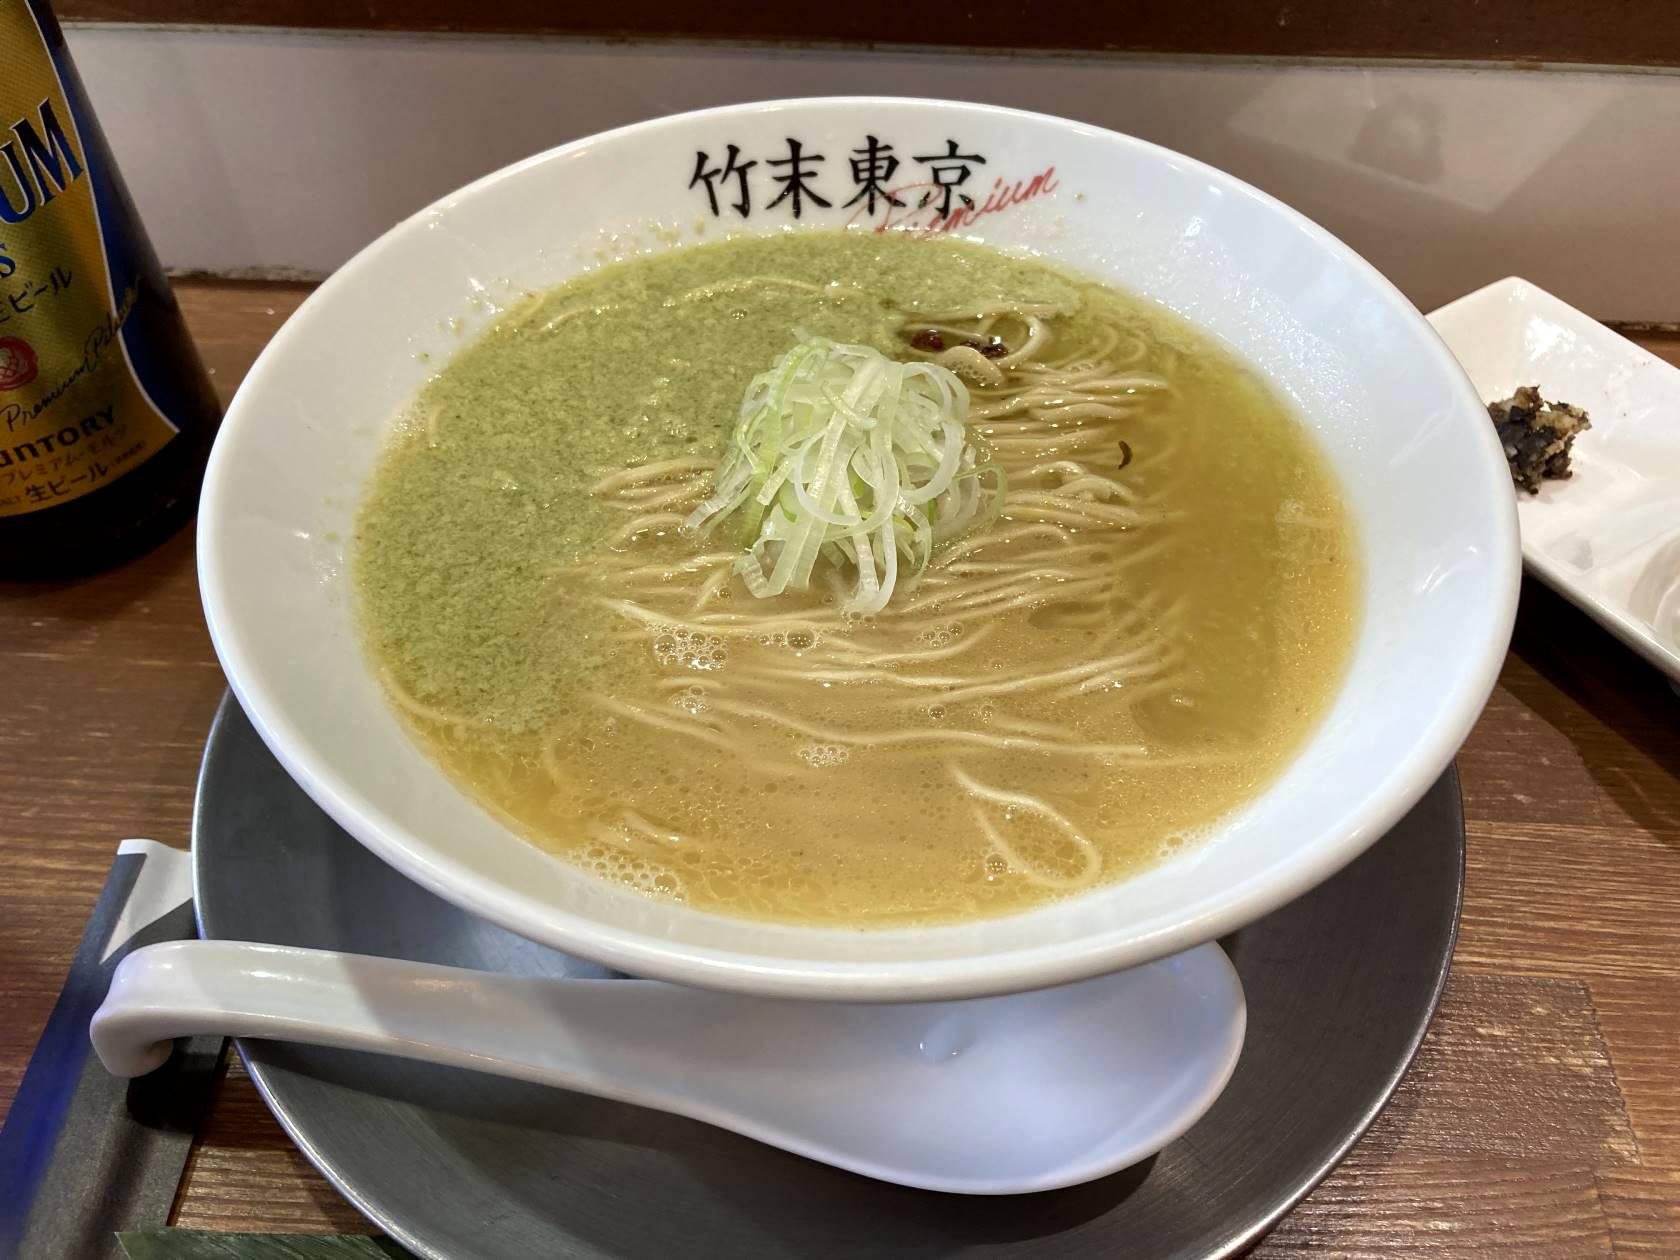 限定麺 春の名残り定食 竹末東京プレミアム